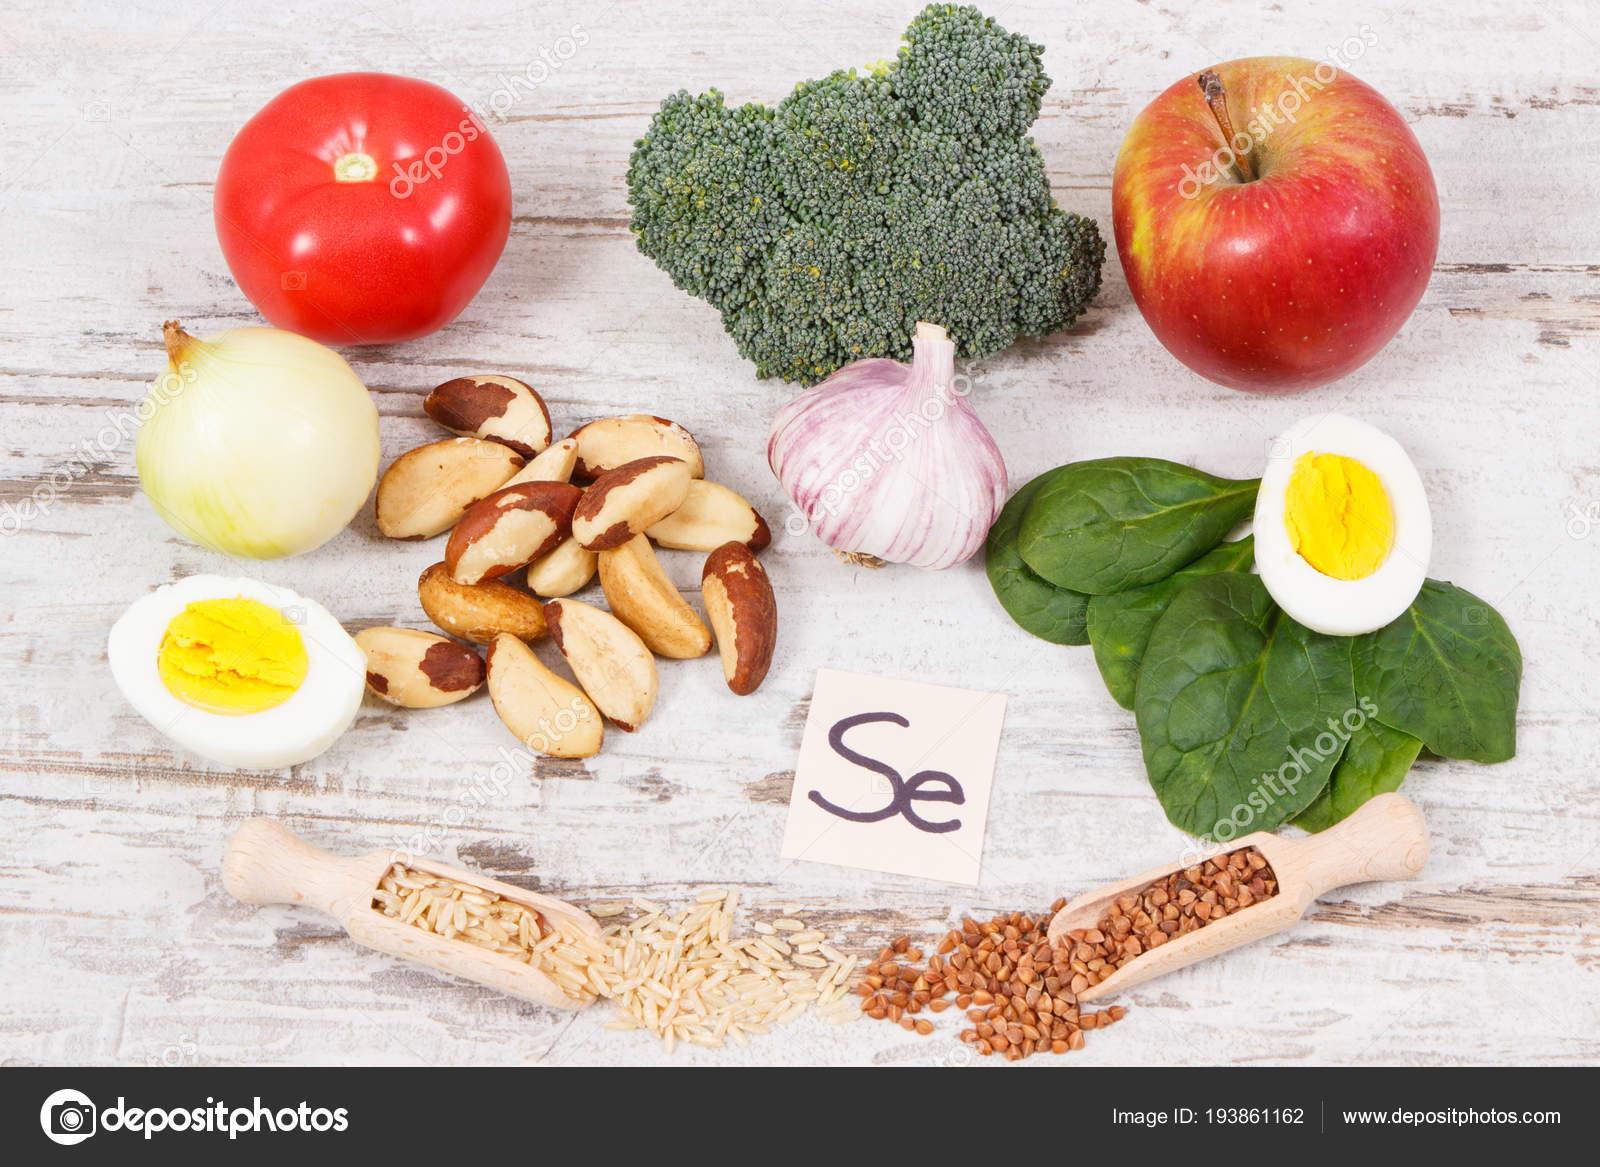 Селен в натуральных продуктах